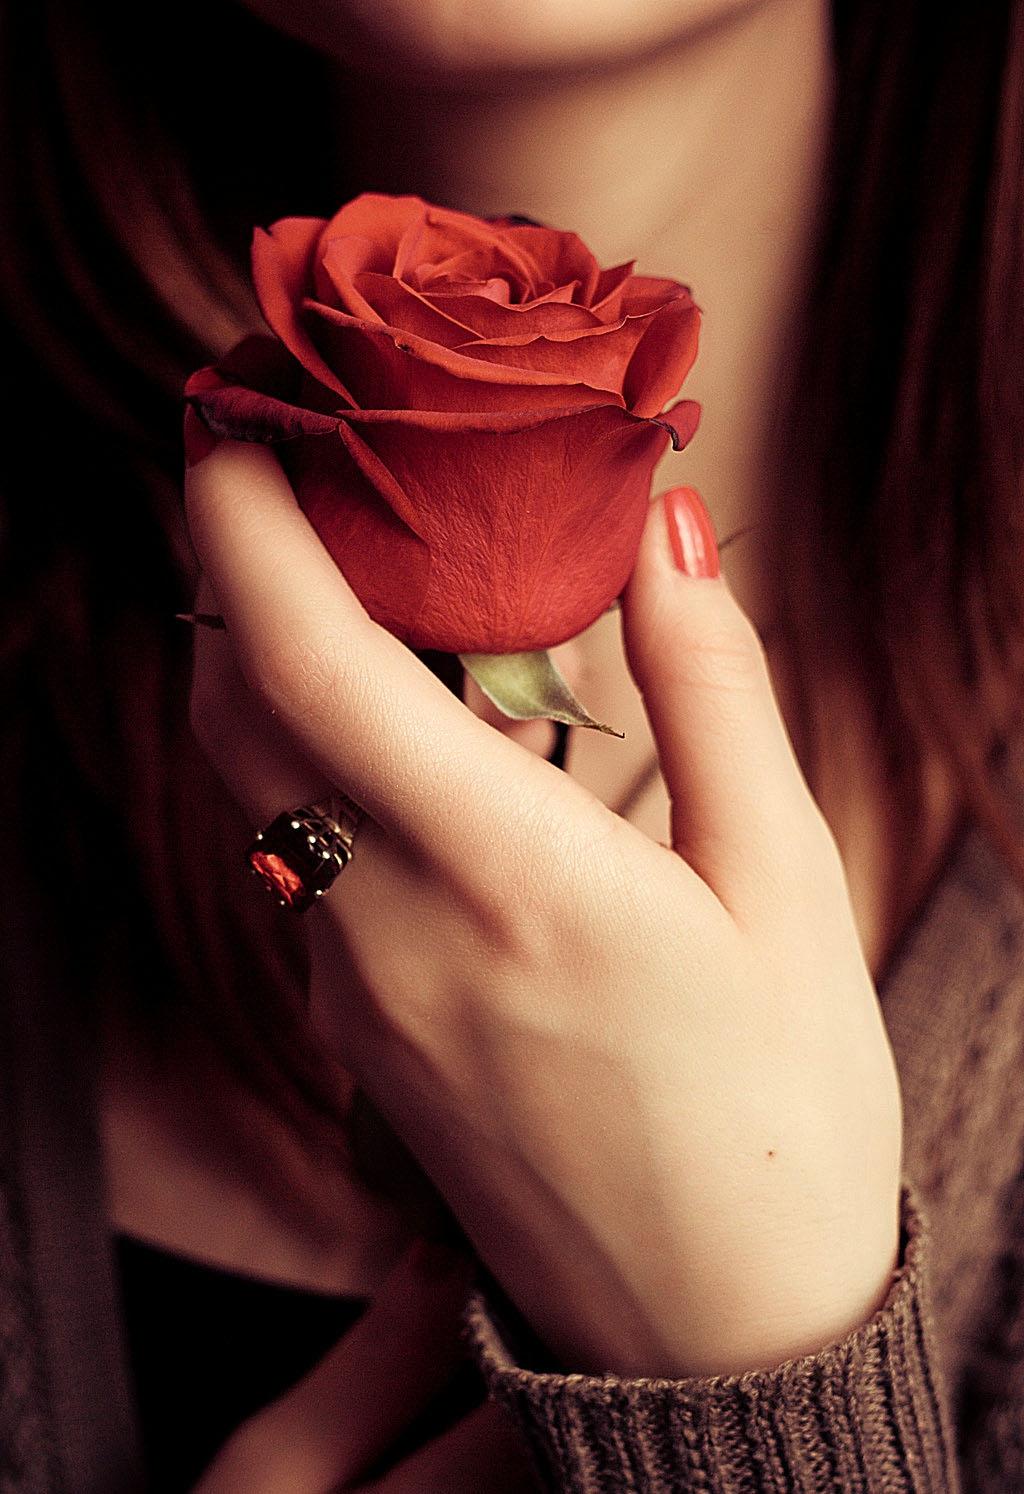 Роза в руках картинки на аву